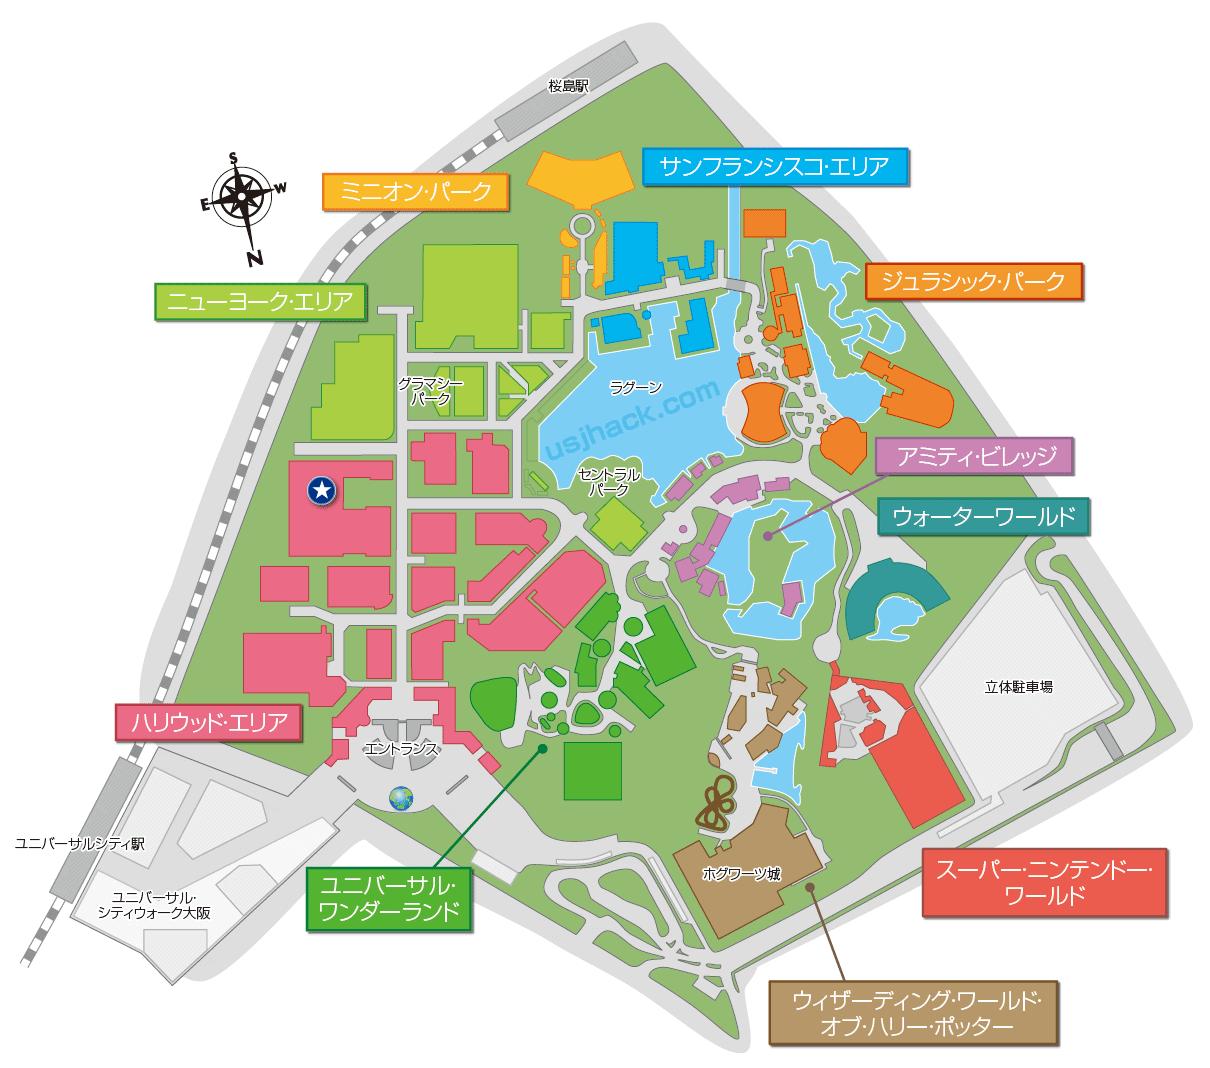 USJ鬼滅の刃XRライドの開催場所マップ